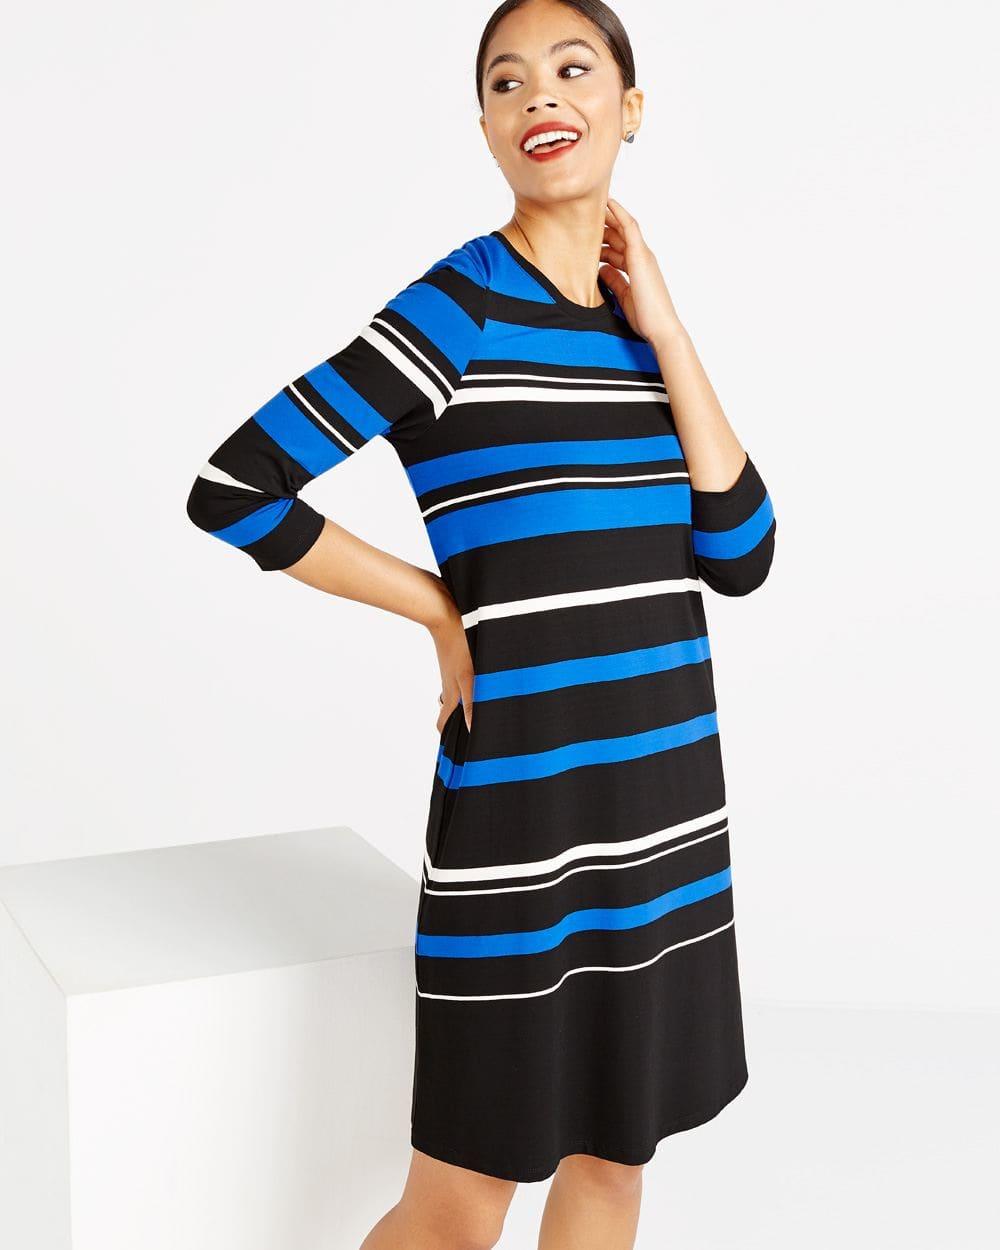 ¾ Sleeve Striped Swing Dress